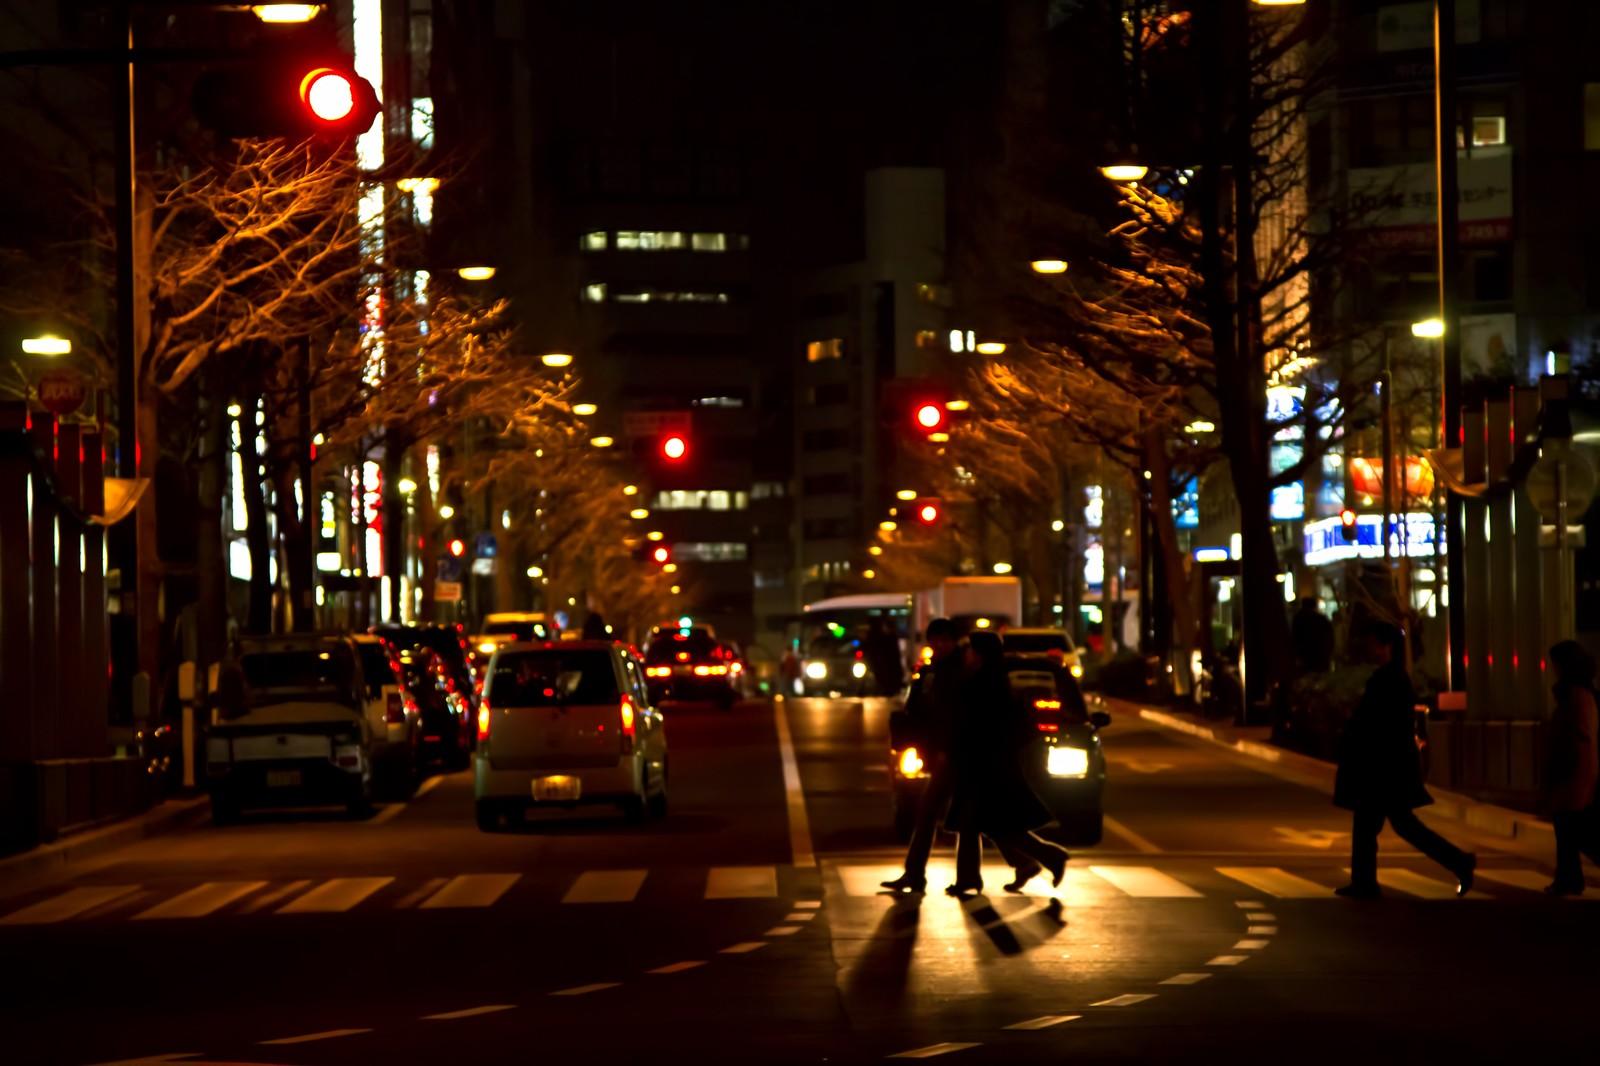 【幸せな時】人がまばらになった街をほろ酔いで歩くのが好きだ。